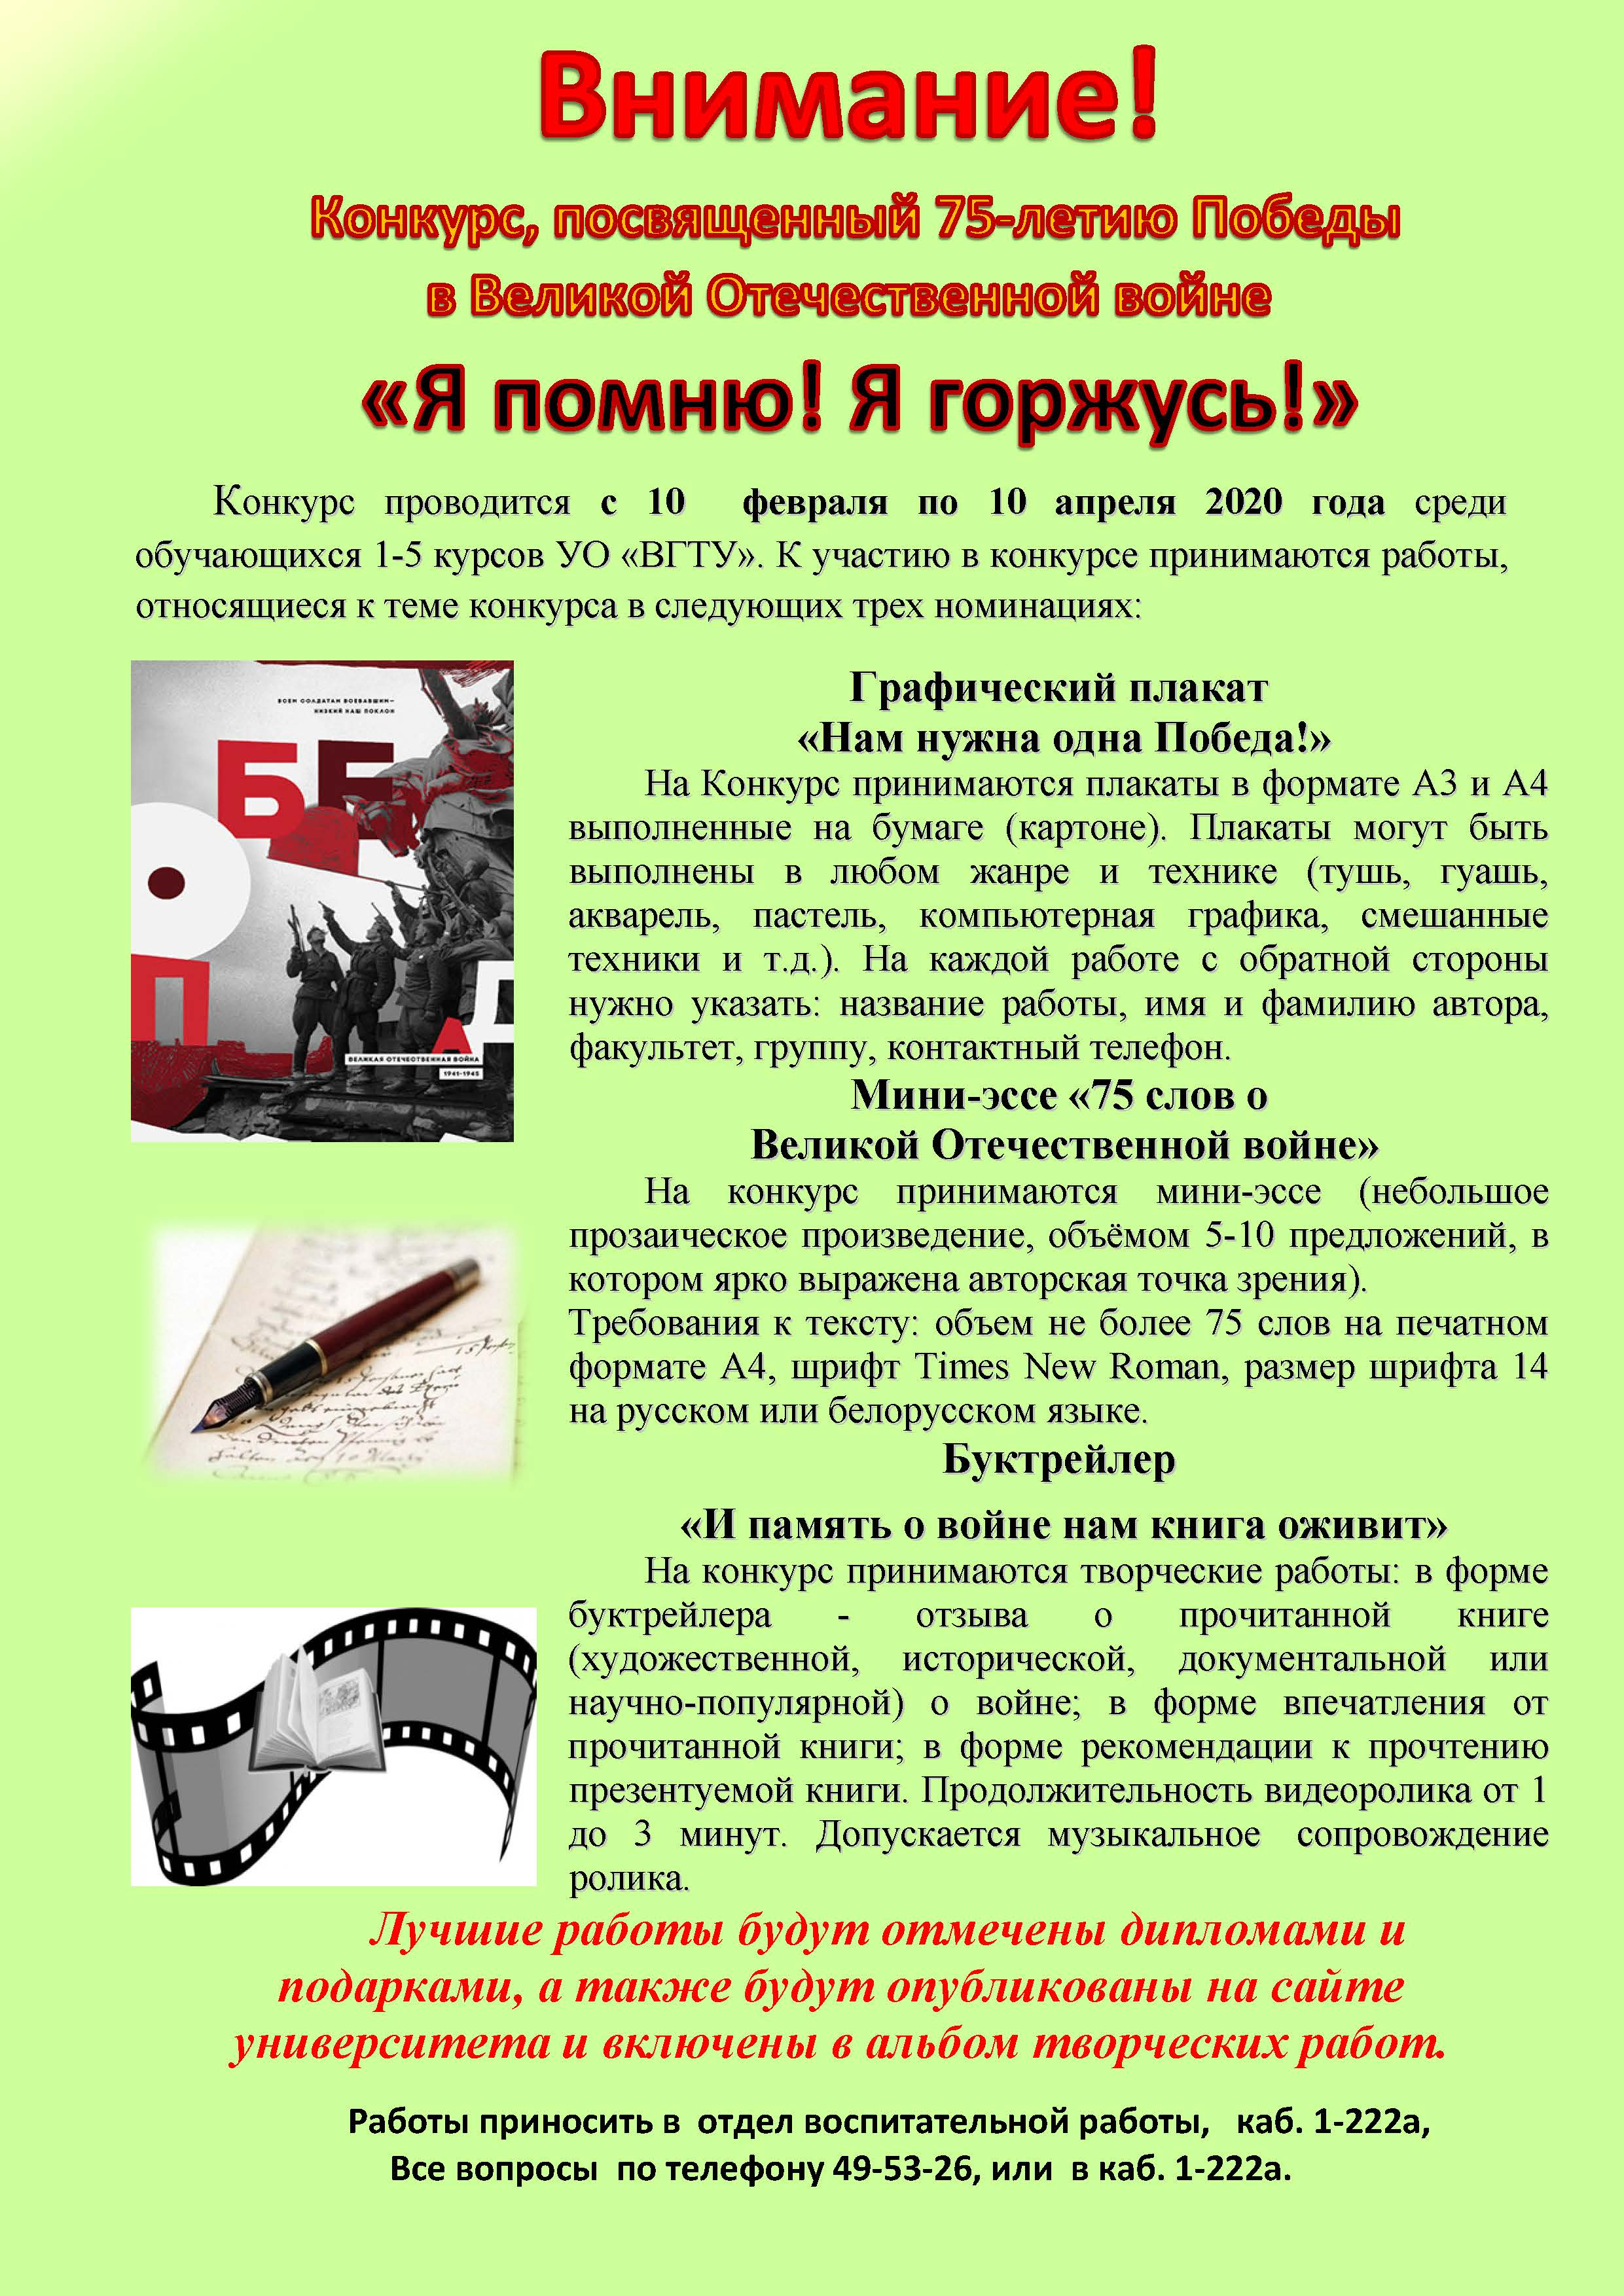 Конкурс УО ВГТУ, посвященный 75-летию Победы в Великой Отечественной войне.